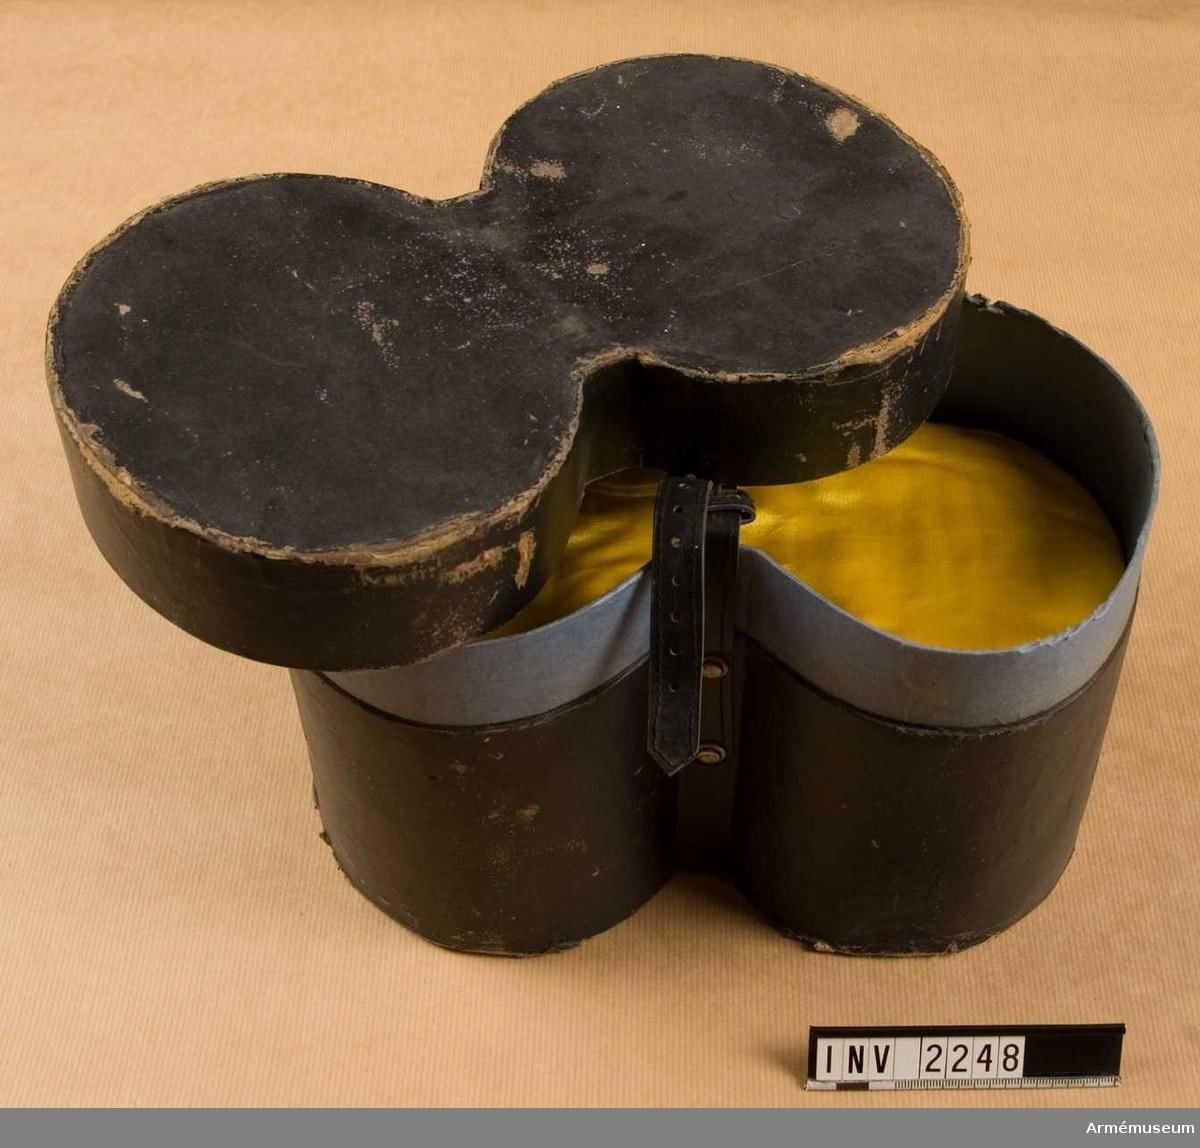 """Yttersidan svart. Foder av blå papp. Märkt i locket """"G J M  Fyrwald & Co"""". Formad för att passa till två epåletter liggade  med halsarna mot varandra. Asken stänges med läderrem. Två gula sidenkuddar stoppade med vadd hör till. I mitten av asken är ett stöd för epåletterna monterat så att fransarna kan hänga rakt."""